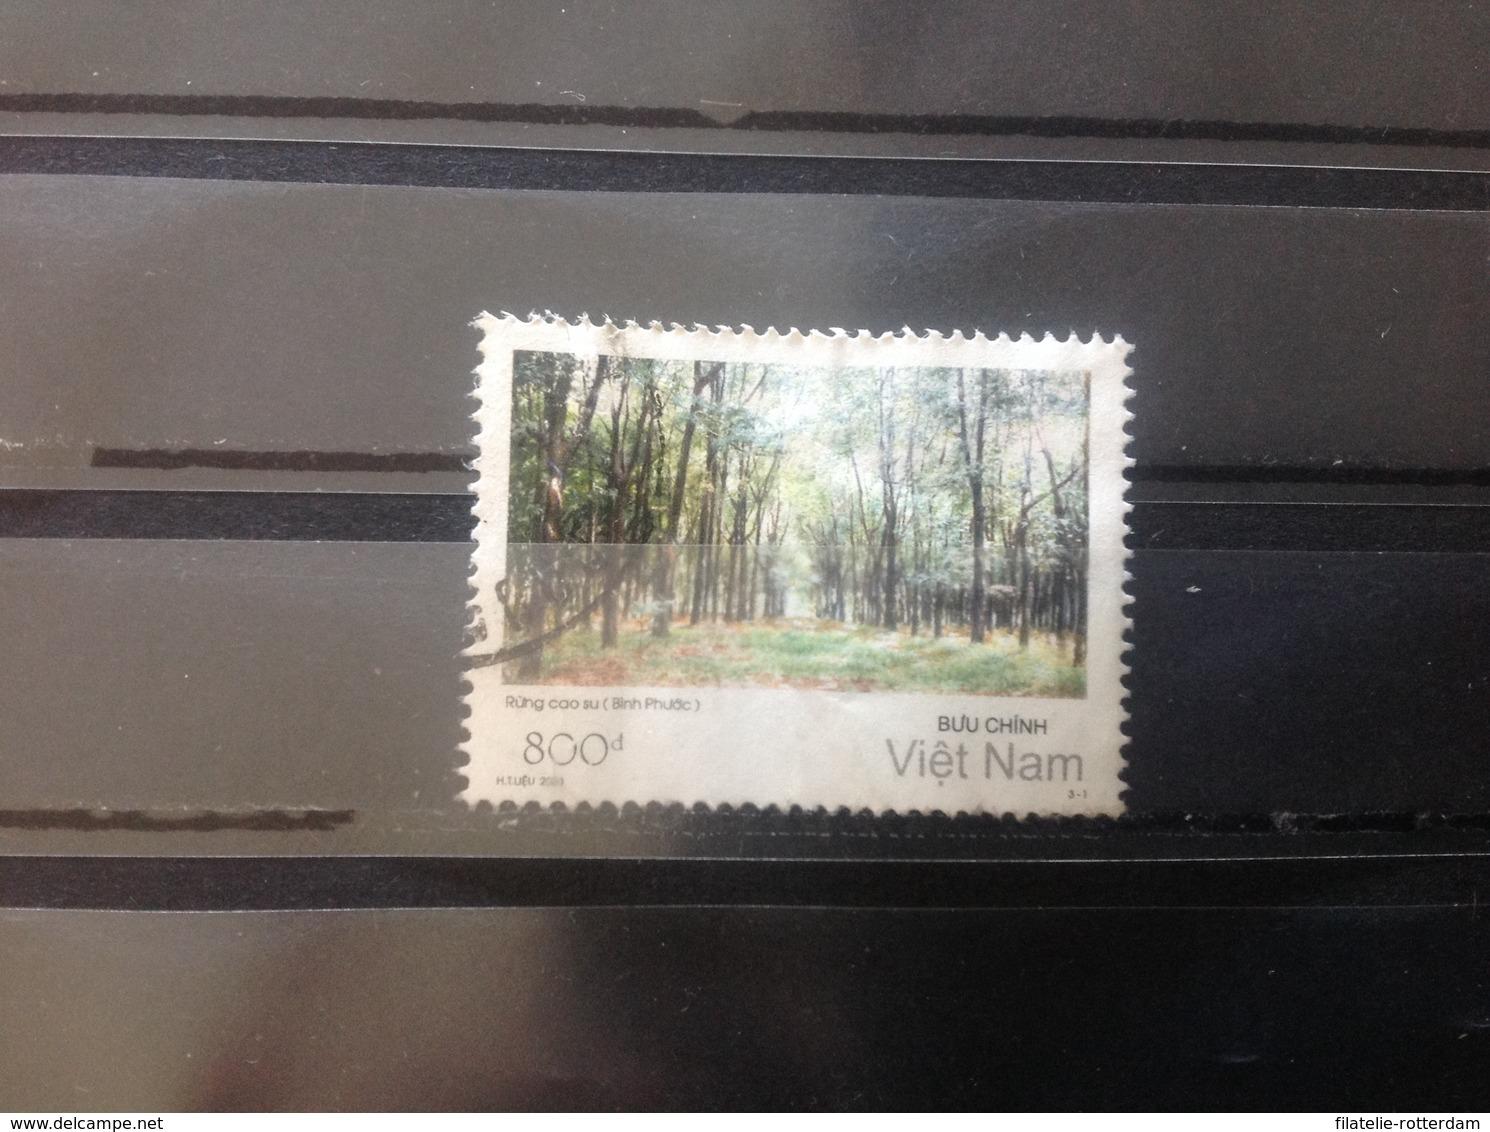 Vietnam - Bossen (800) 2000 - Vietnam